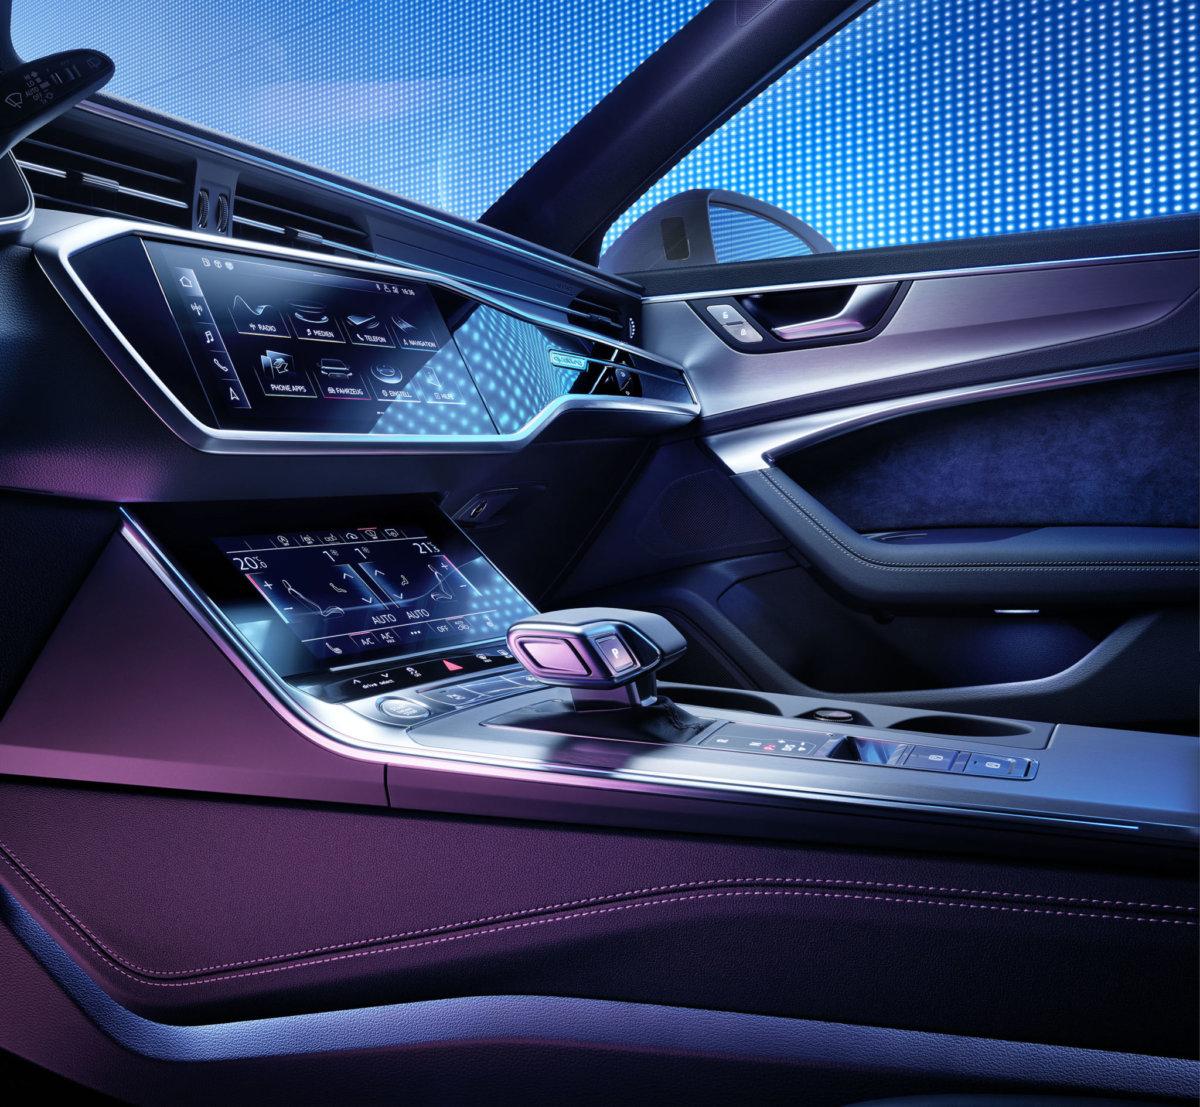 The All-New Audi A6 / A7 / A8 / Q8 shot by Simon Puschmann - CRXSS